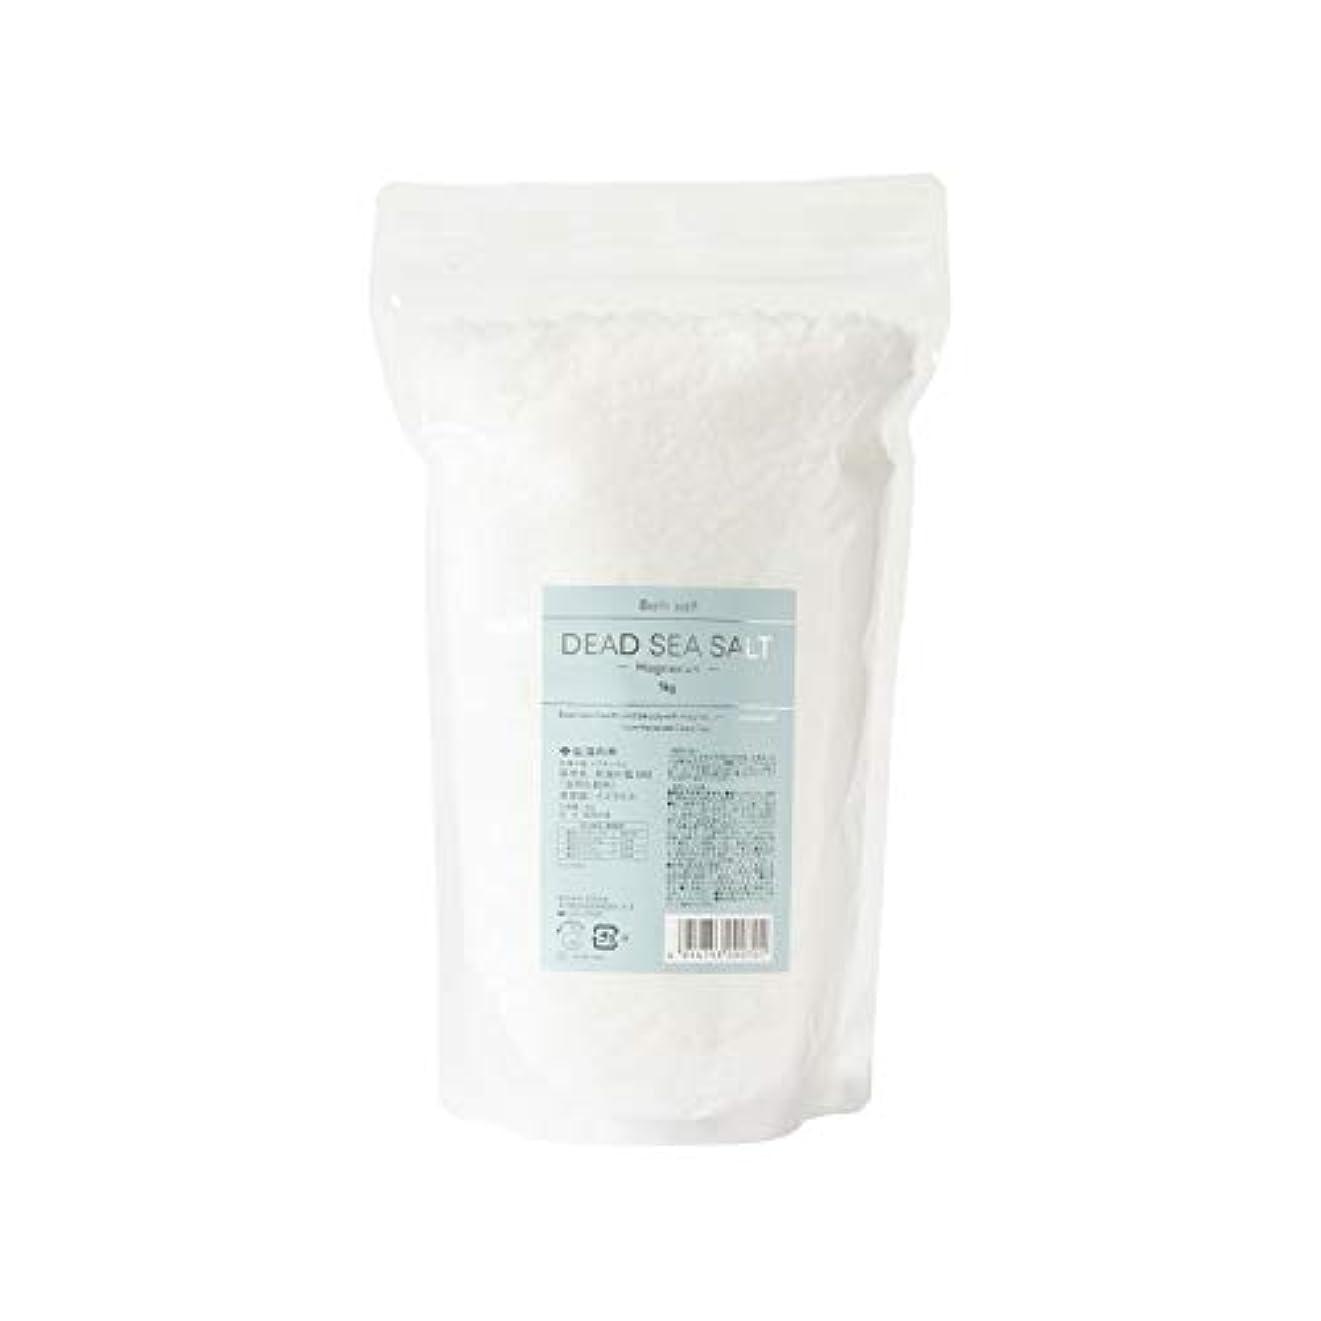 シェルター露骨な会話型生活の木 死海の塩マグネシウム 1kg